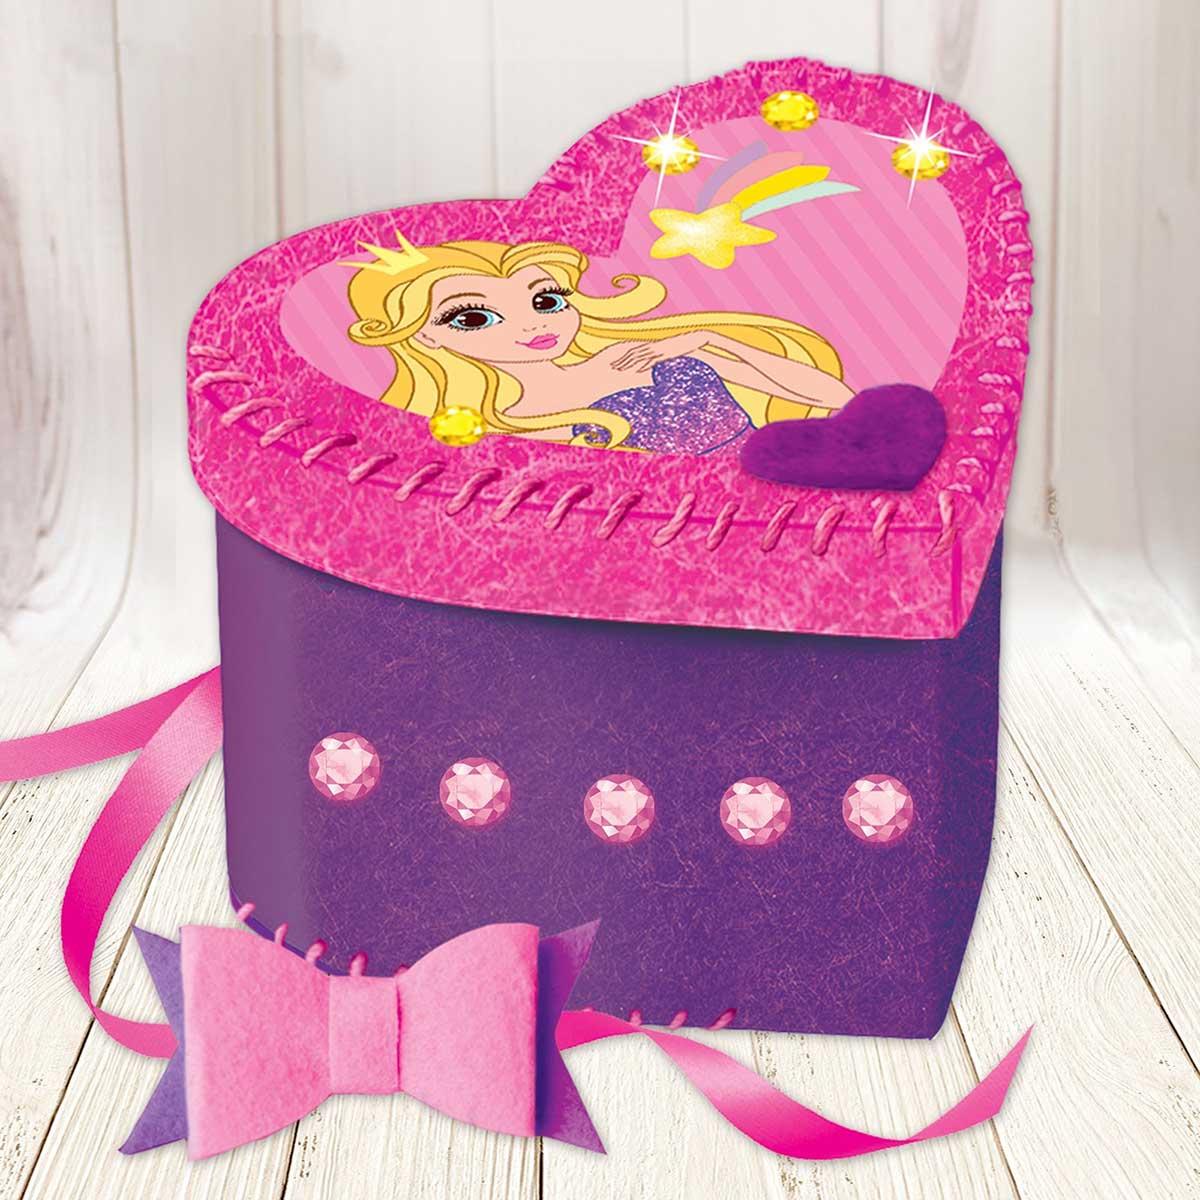 3619405 Шкатулка из фетра, набор для создания 'Принцесса'